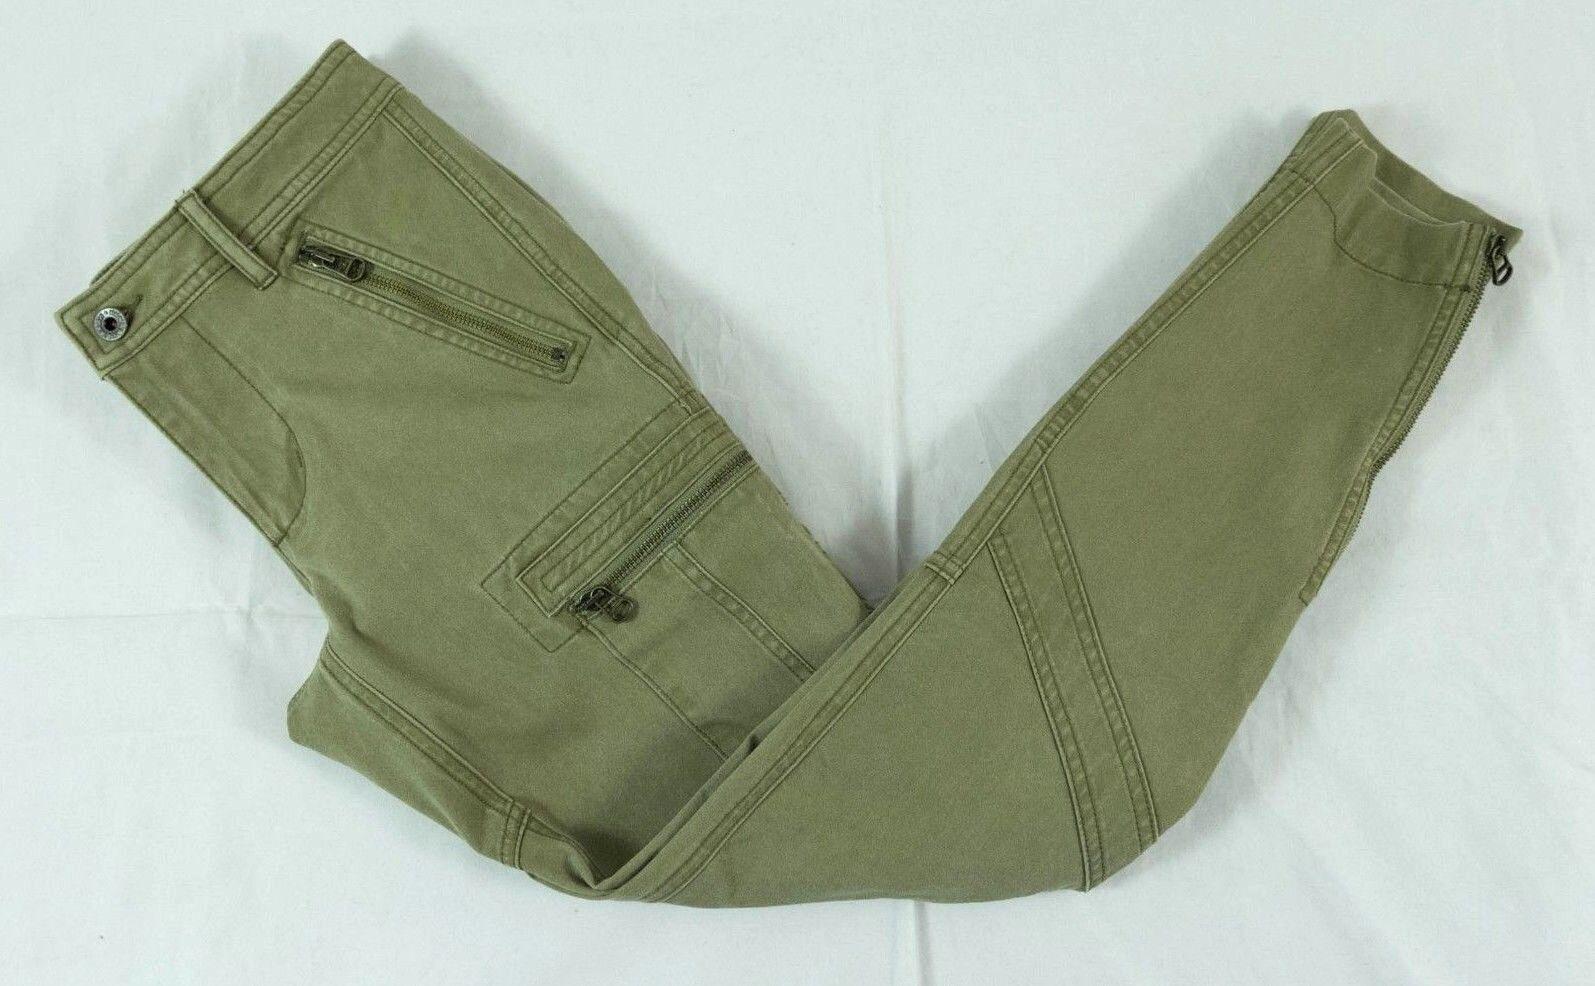 Ralph Lauren Green Cotton Blend Pants Sz. 12  BNWT 100% Authentic